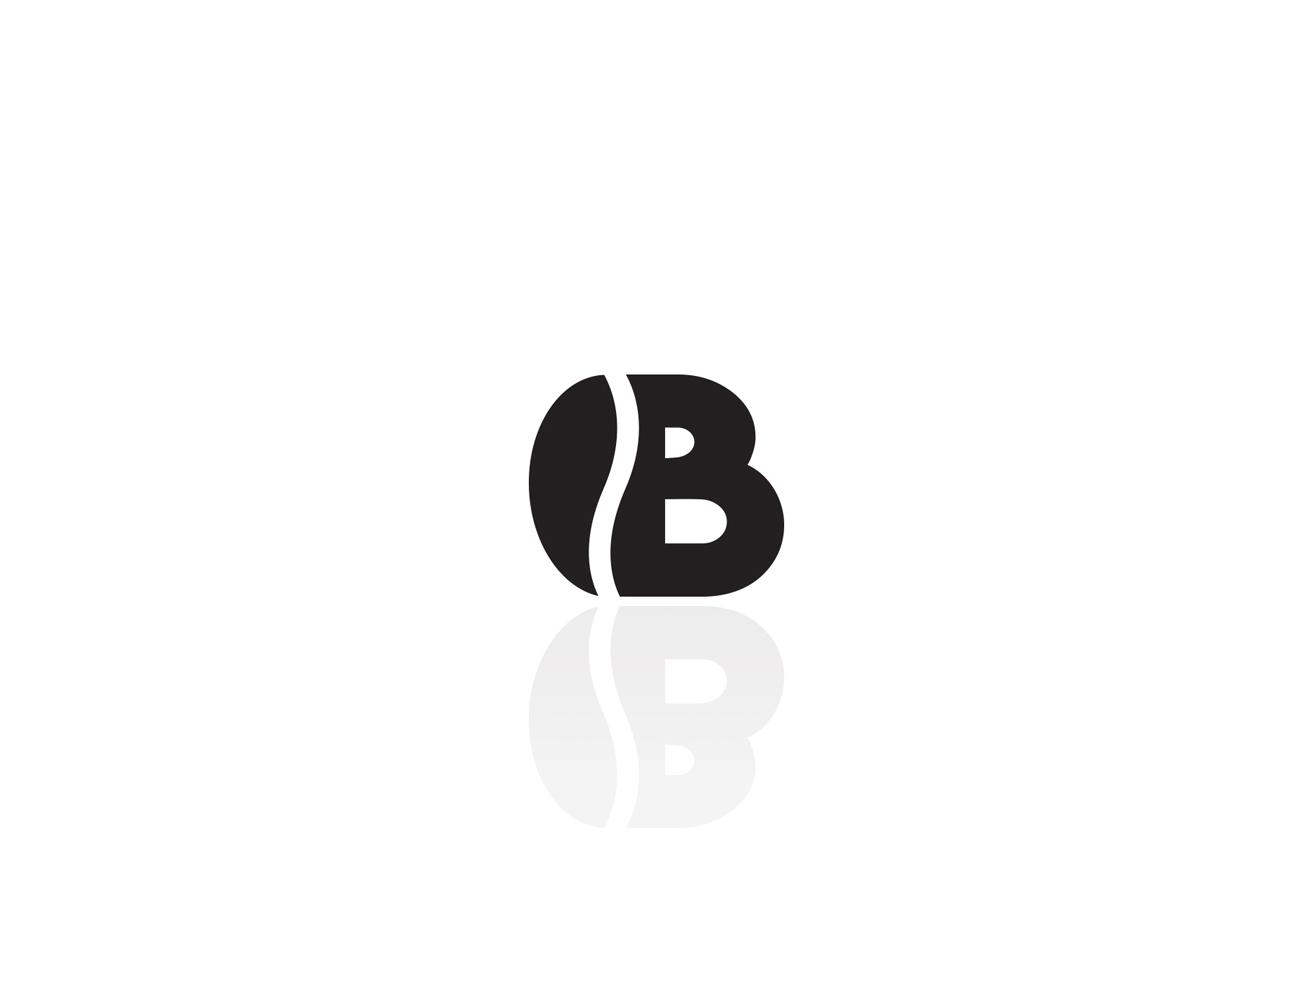 thebeanlogodesign1